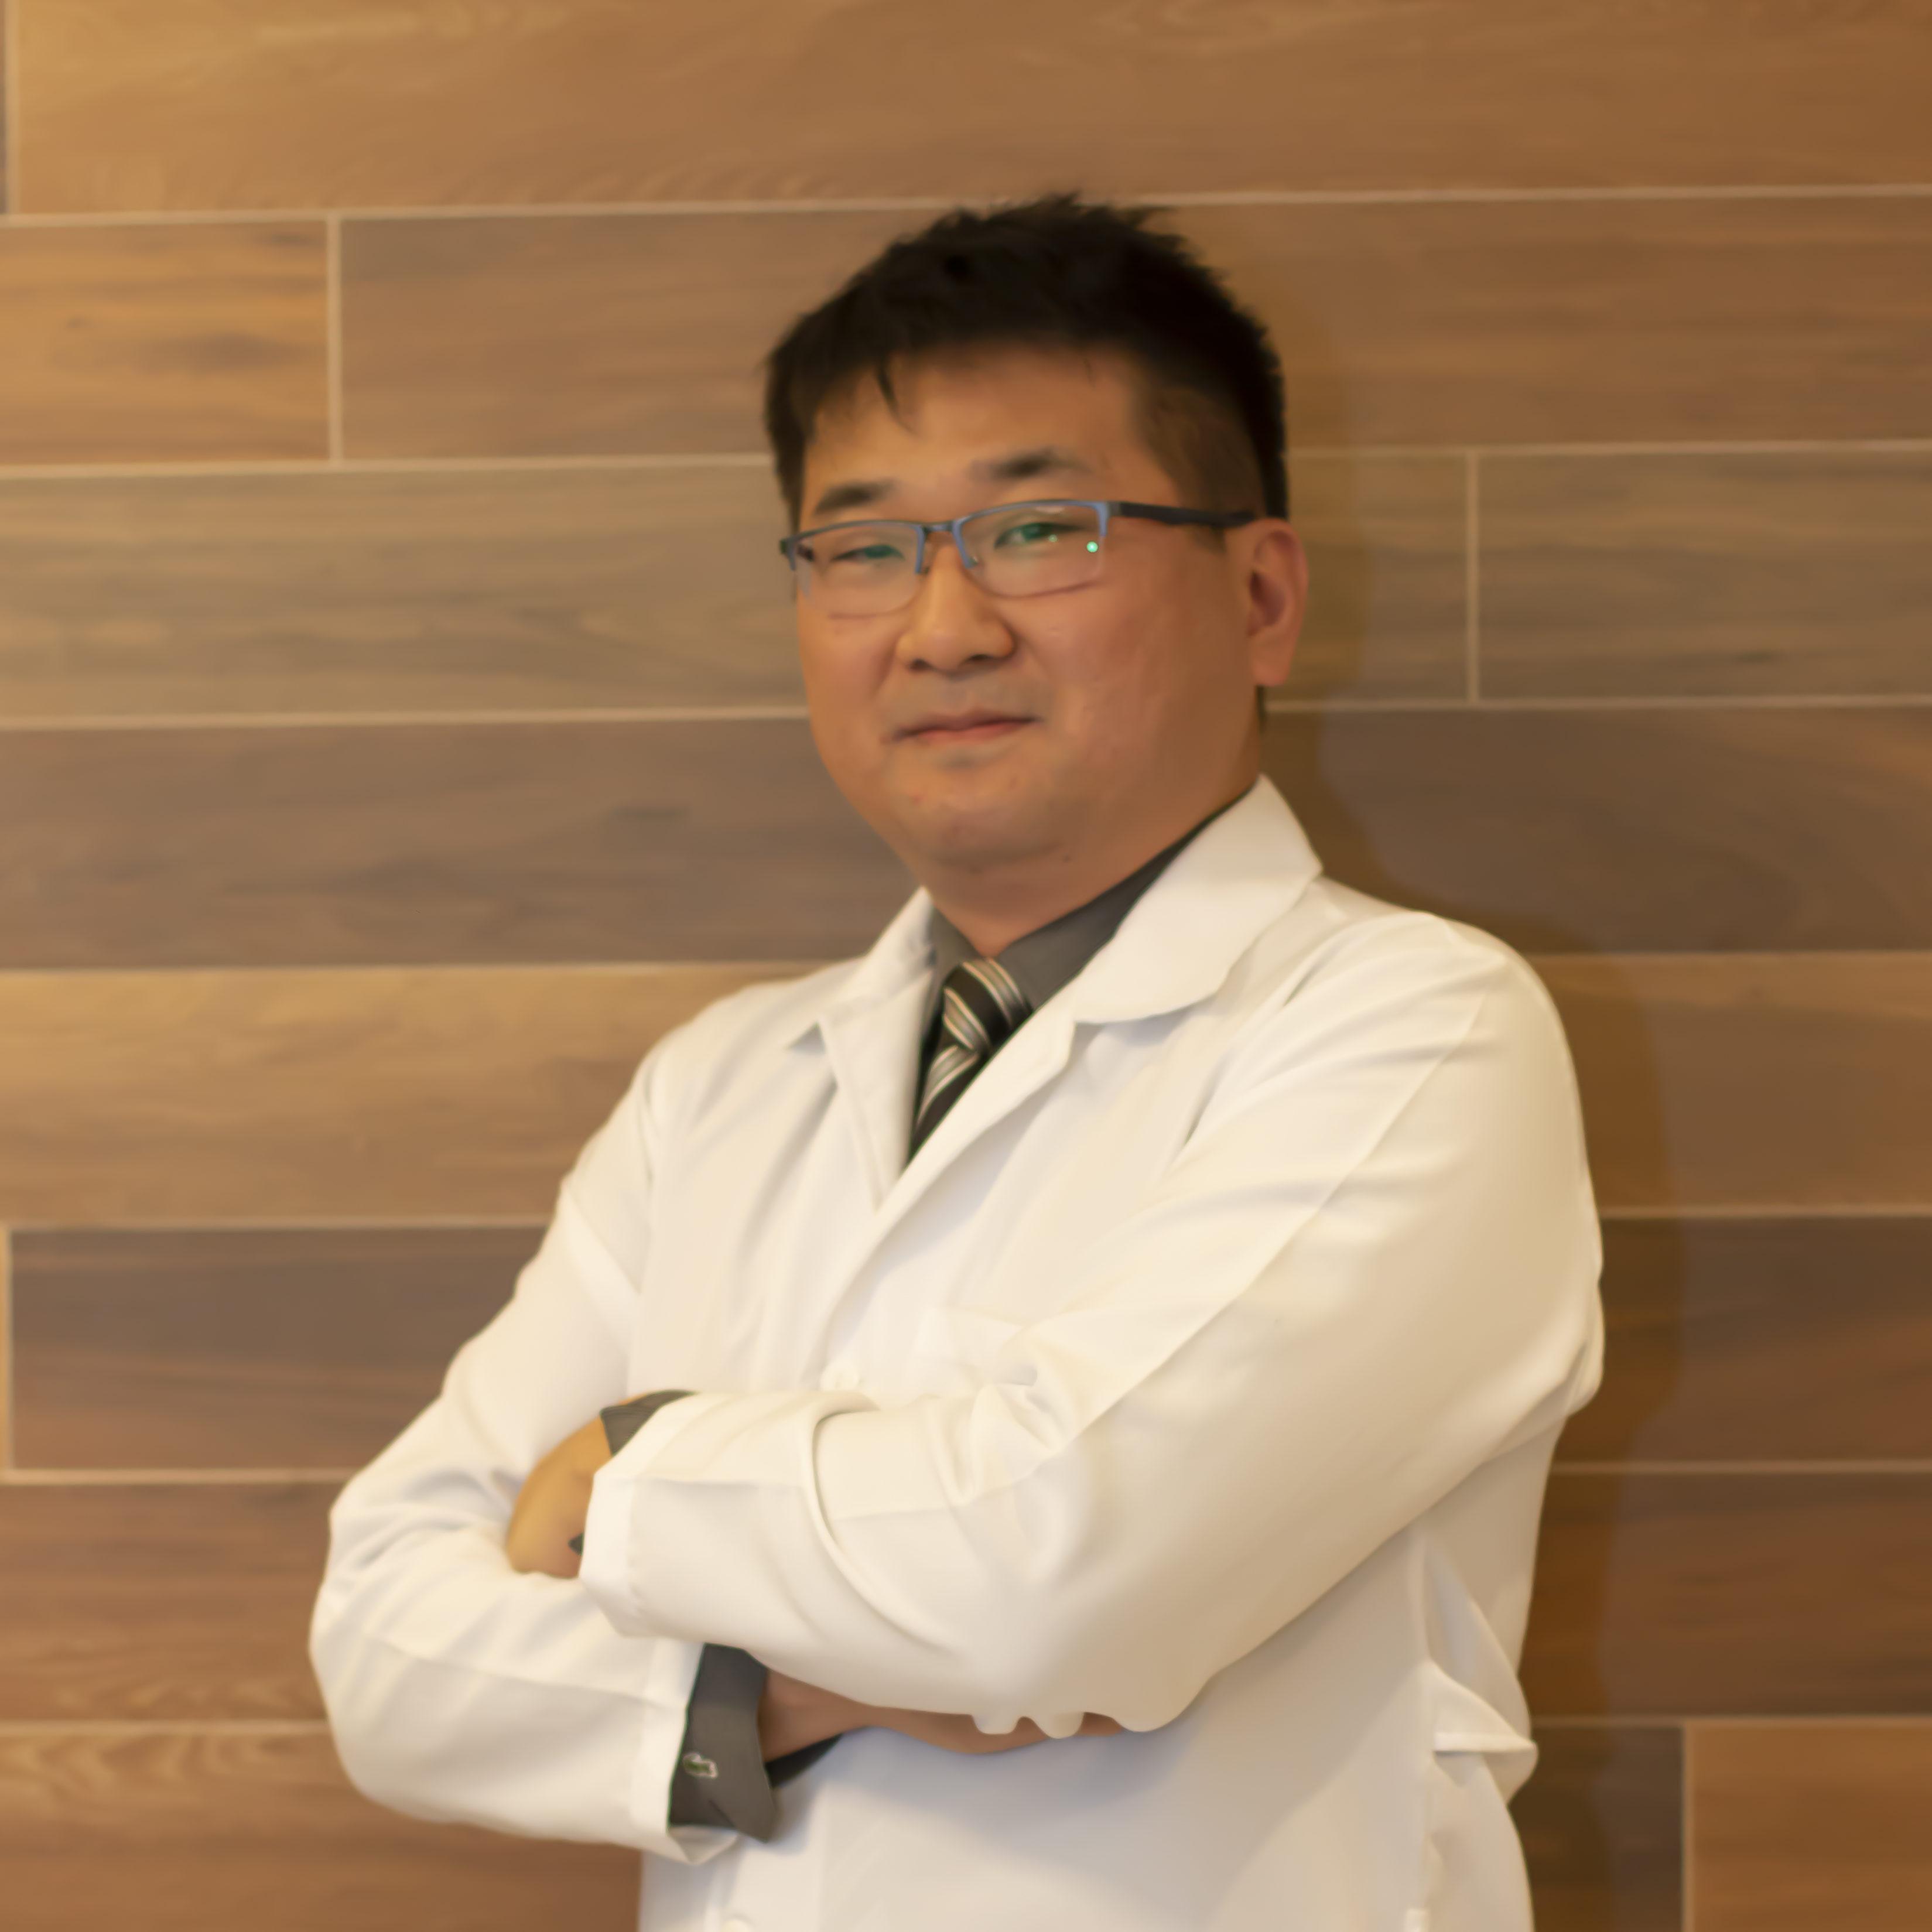 Dr. Carlos Alberto Utiumi